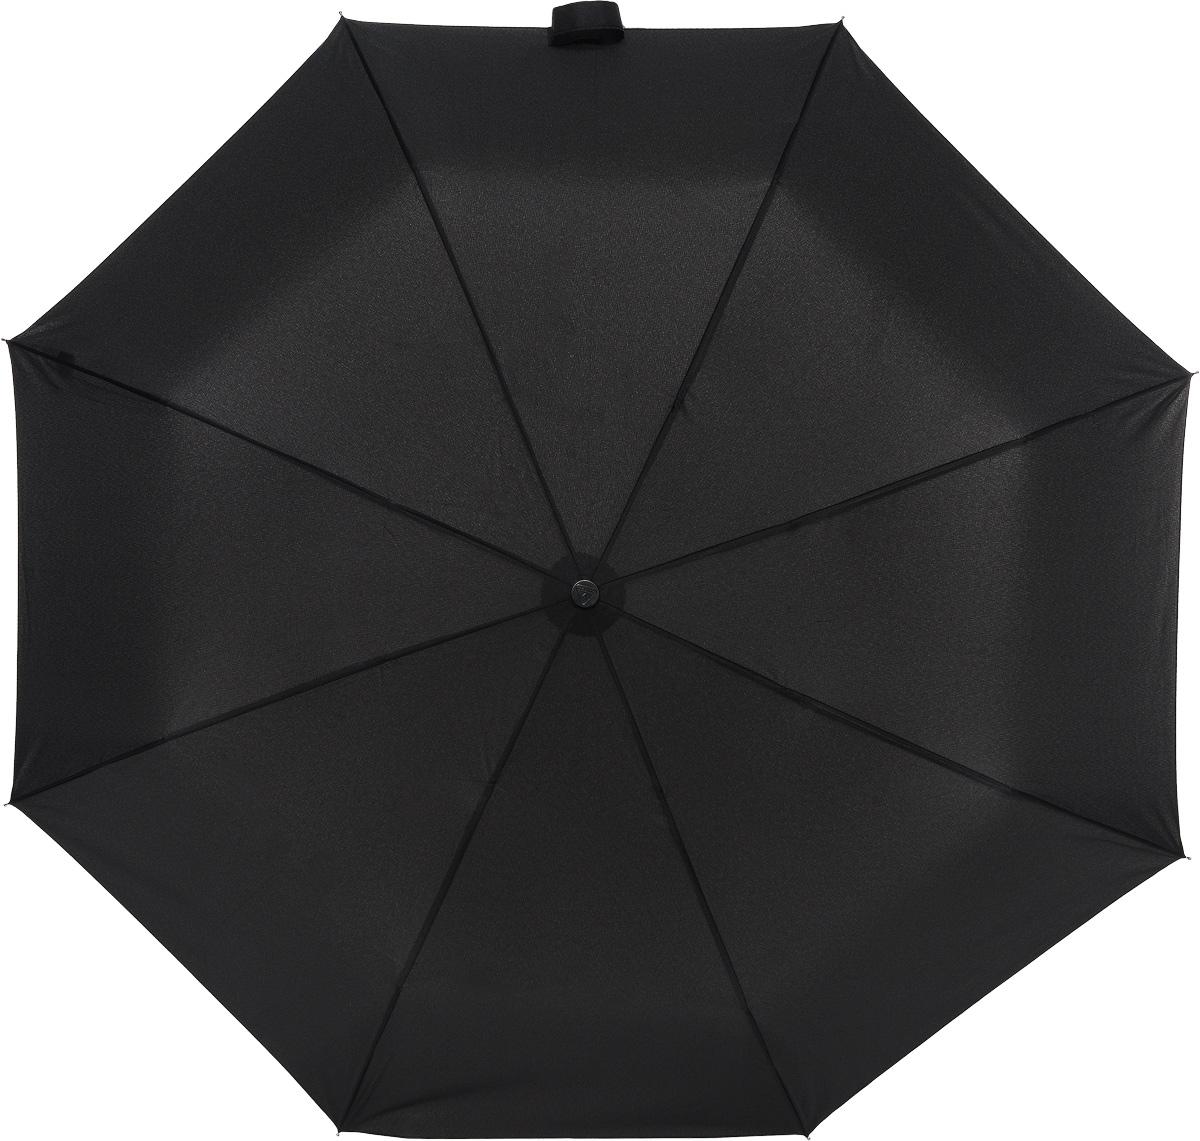 Зонт мужской Fulton, механика, 3 сложения, цвет: черный. G560-01Серьги с подвескамиЗонт мужской Fulton надежно защитит от непогоды. Купол выполнен из выполнен из высококачественного полиэстера, который не пропускает воду.Каркас зонта, выполненный из прочного металла, состоит из восьми спиц. Зонт имеет механический тип сложения: открывается и закрывается вручную до характерного щелчка. Удобная пластиковая ручка оснащена шнурком, с помощью которого зонт можно носить на запястье. Также к зонту прилагается чехол.